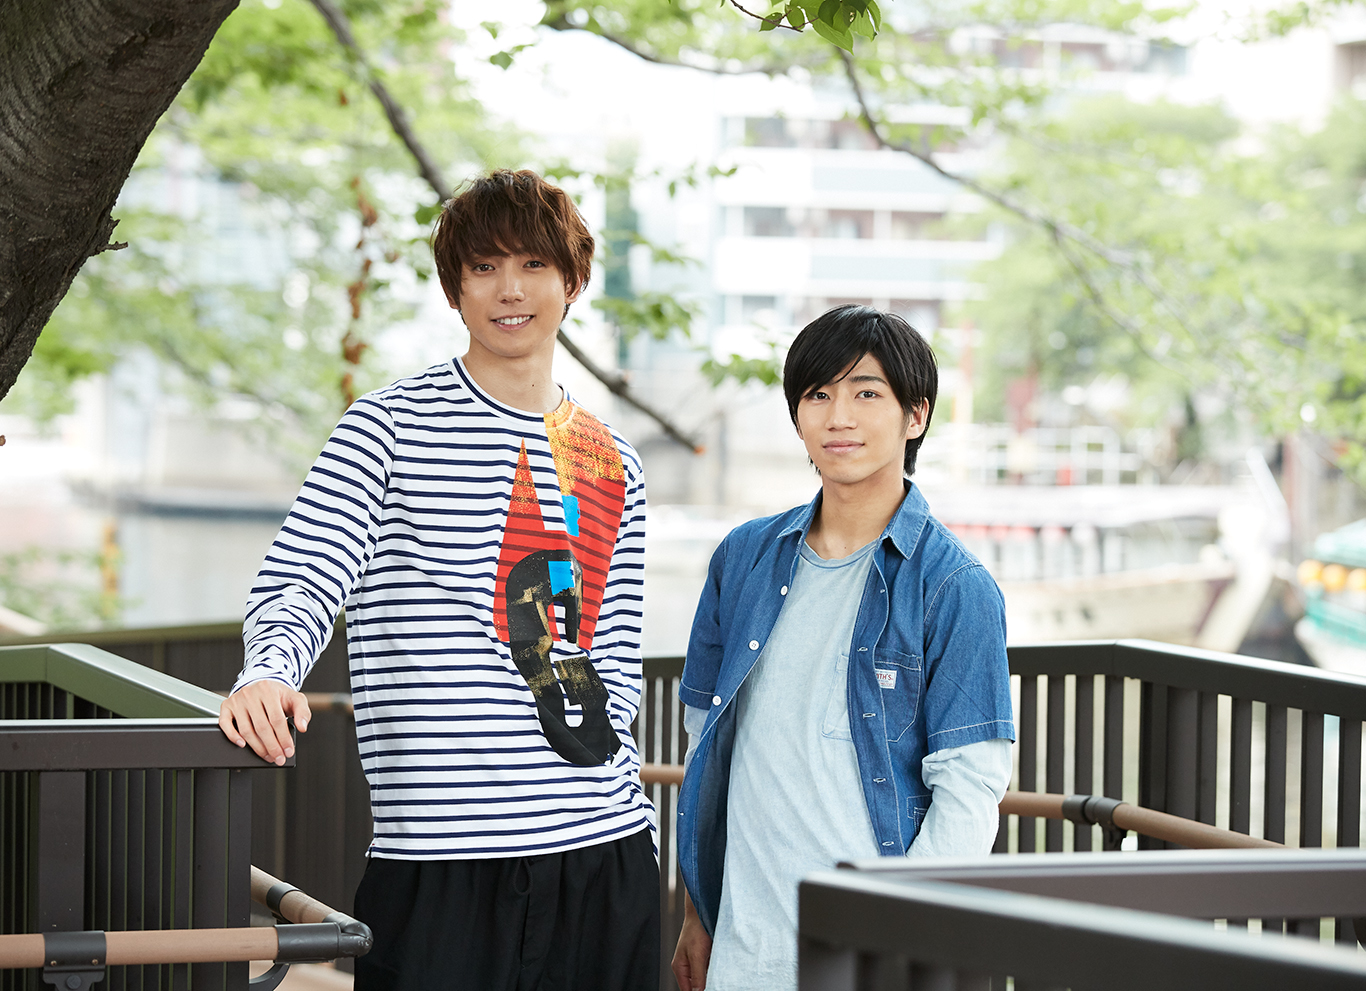 納谷 健×有澤樟太郎の「同い年ゆるトーク」#2.5次元俳優 #結婚観 #夢 #スイカに塩